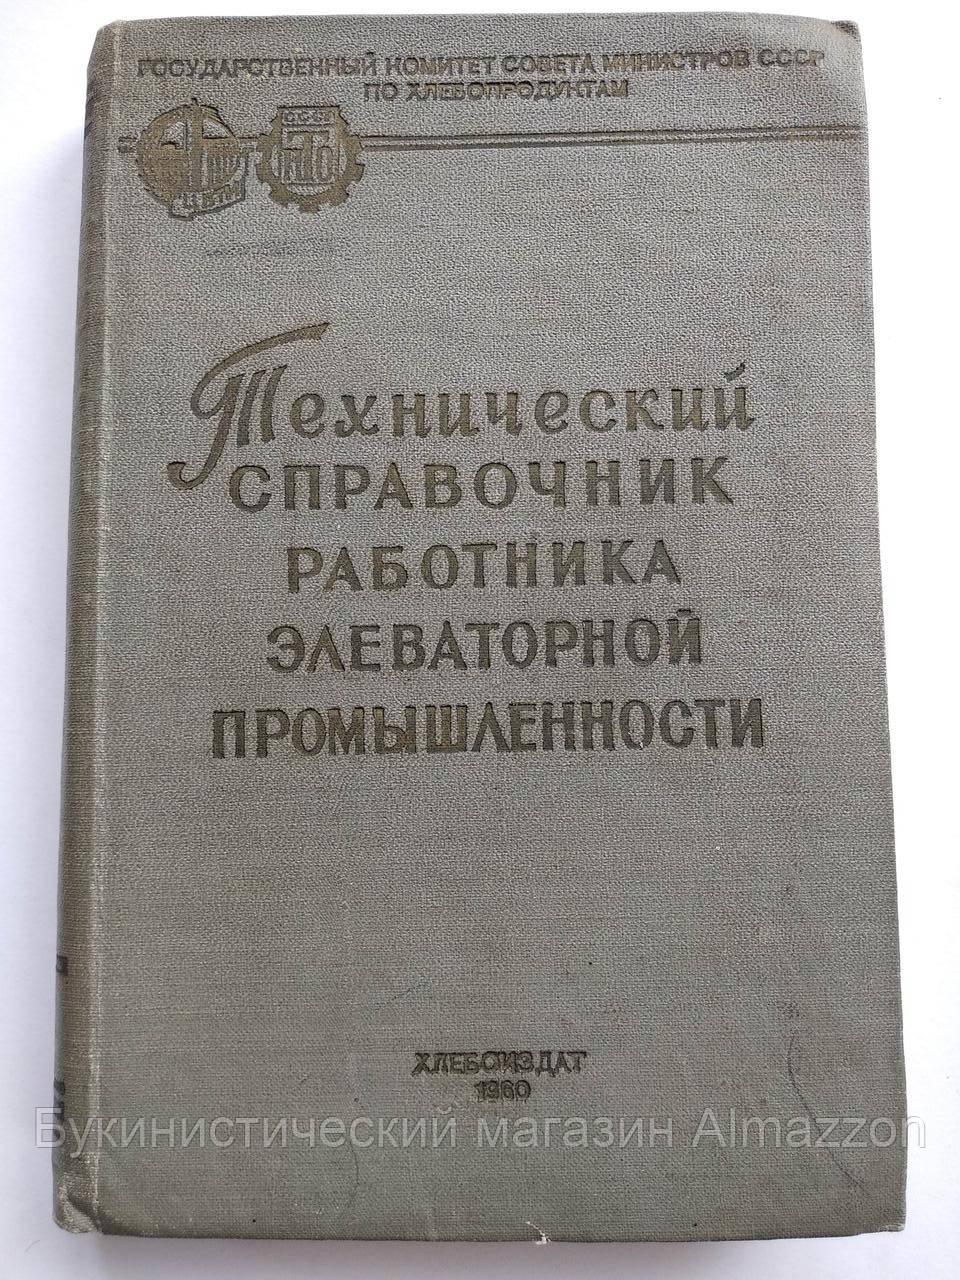 Технічний довідник працівника елеваторної промисловості Хлебоиздат 1960 рік